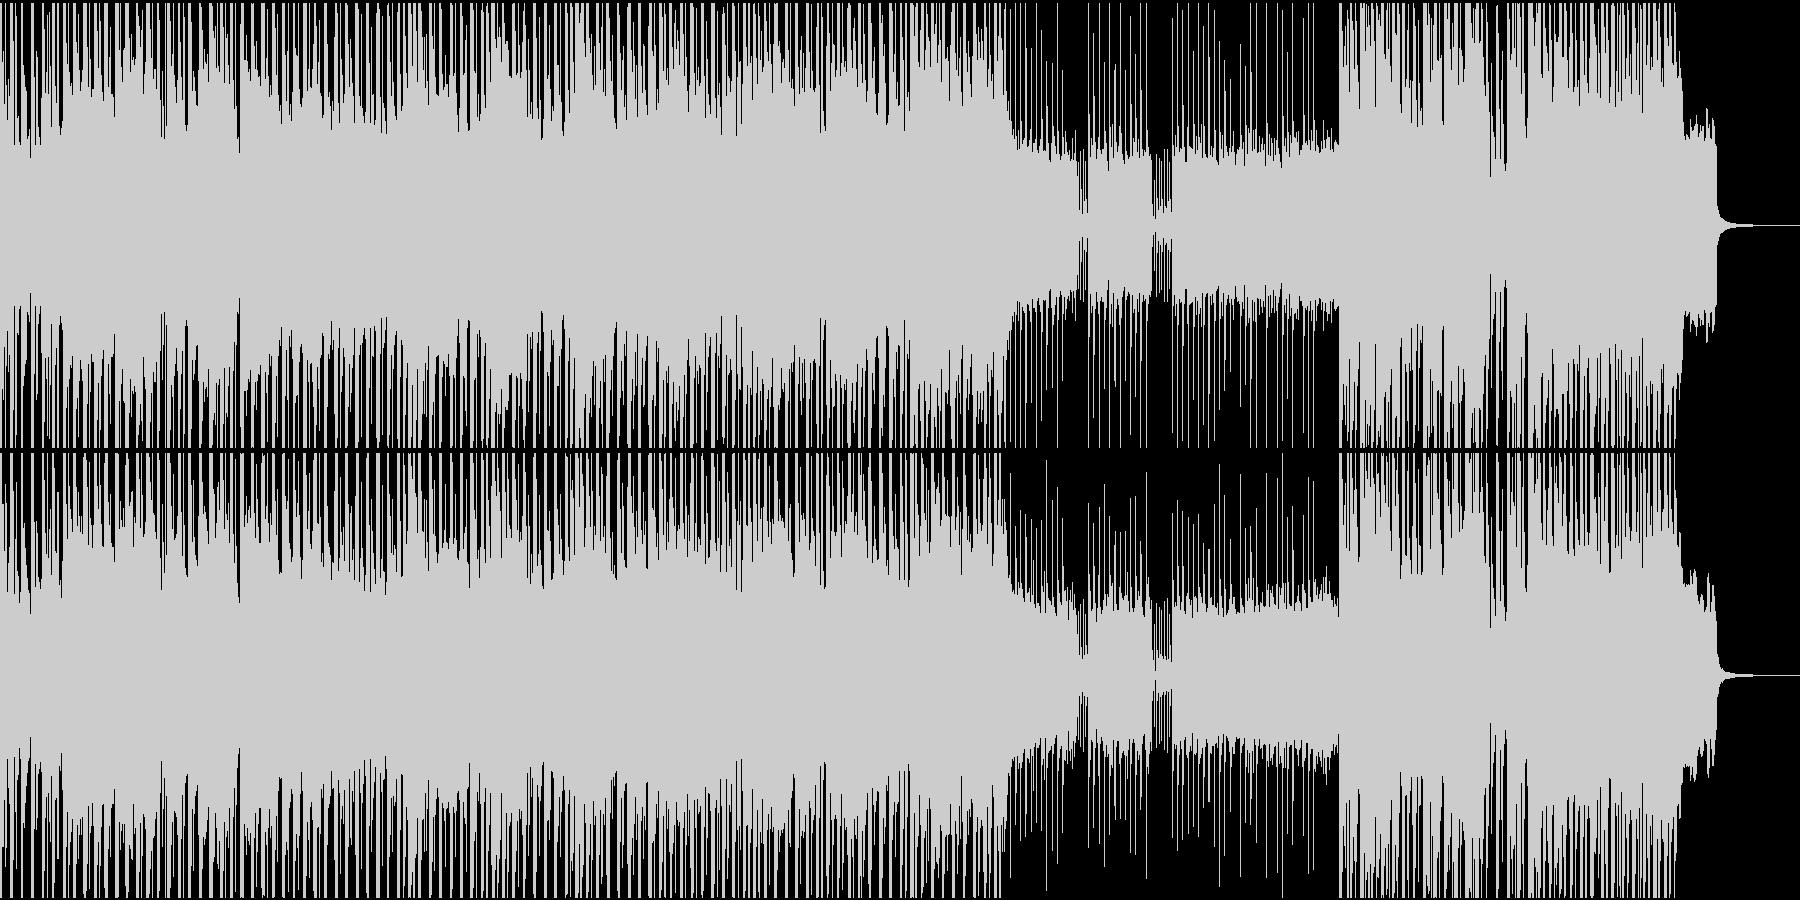 三味線とギターによるアグレッシブな曲の未再生の波形